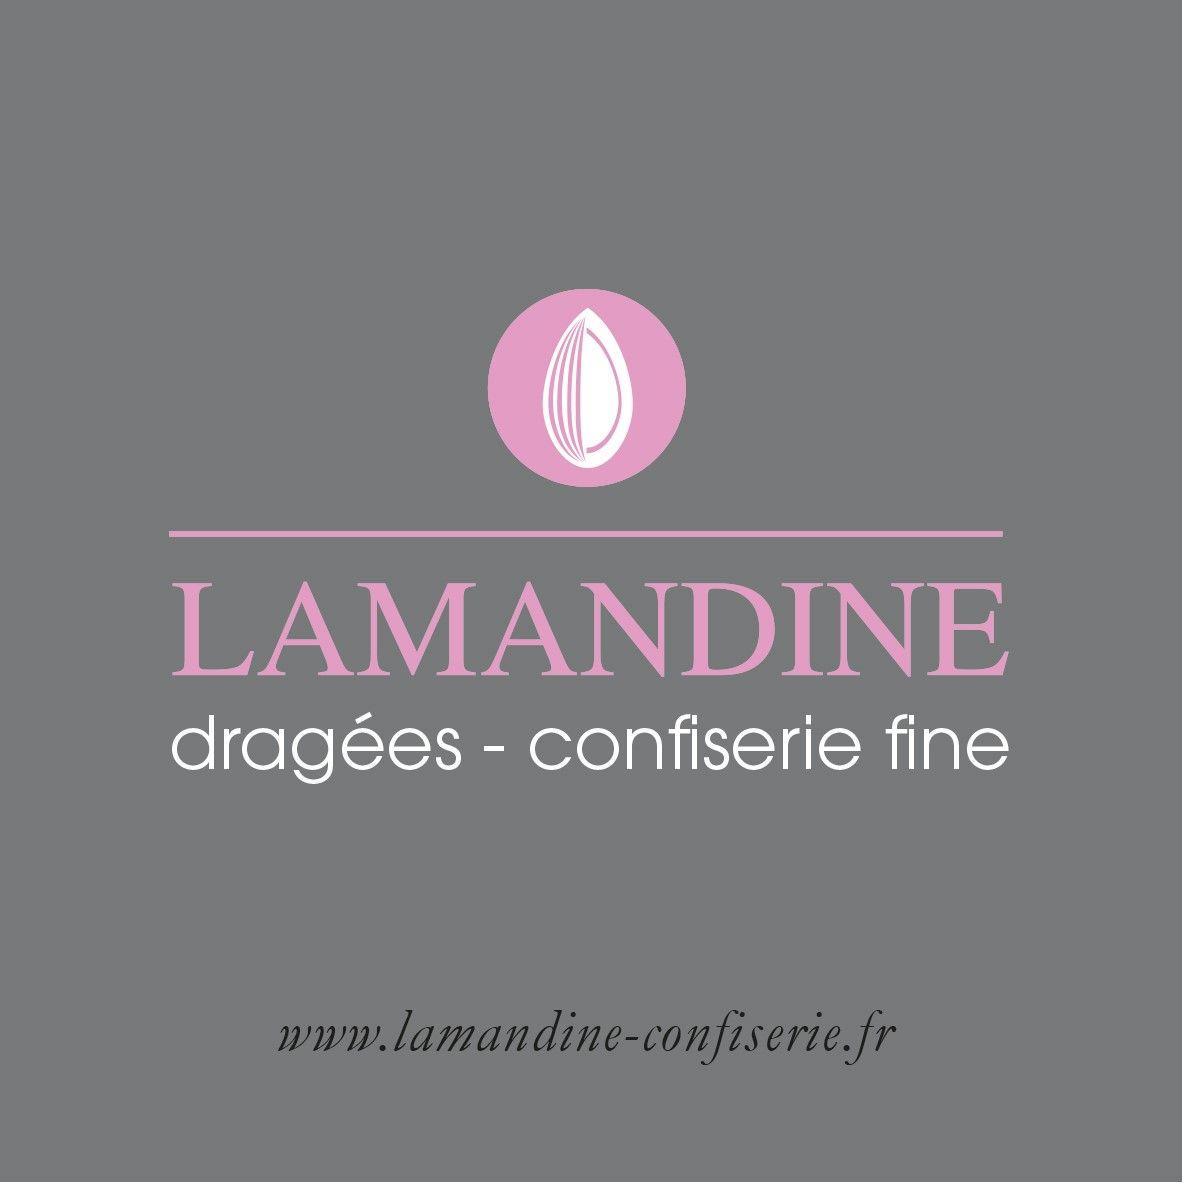 Logo Lamandine Dragées Confiserie Lamande